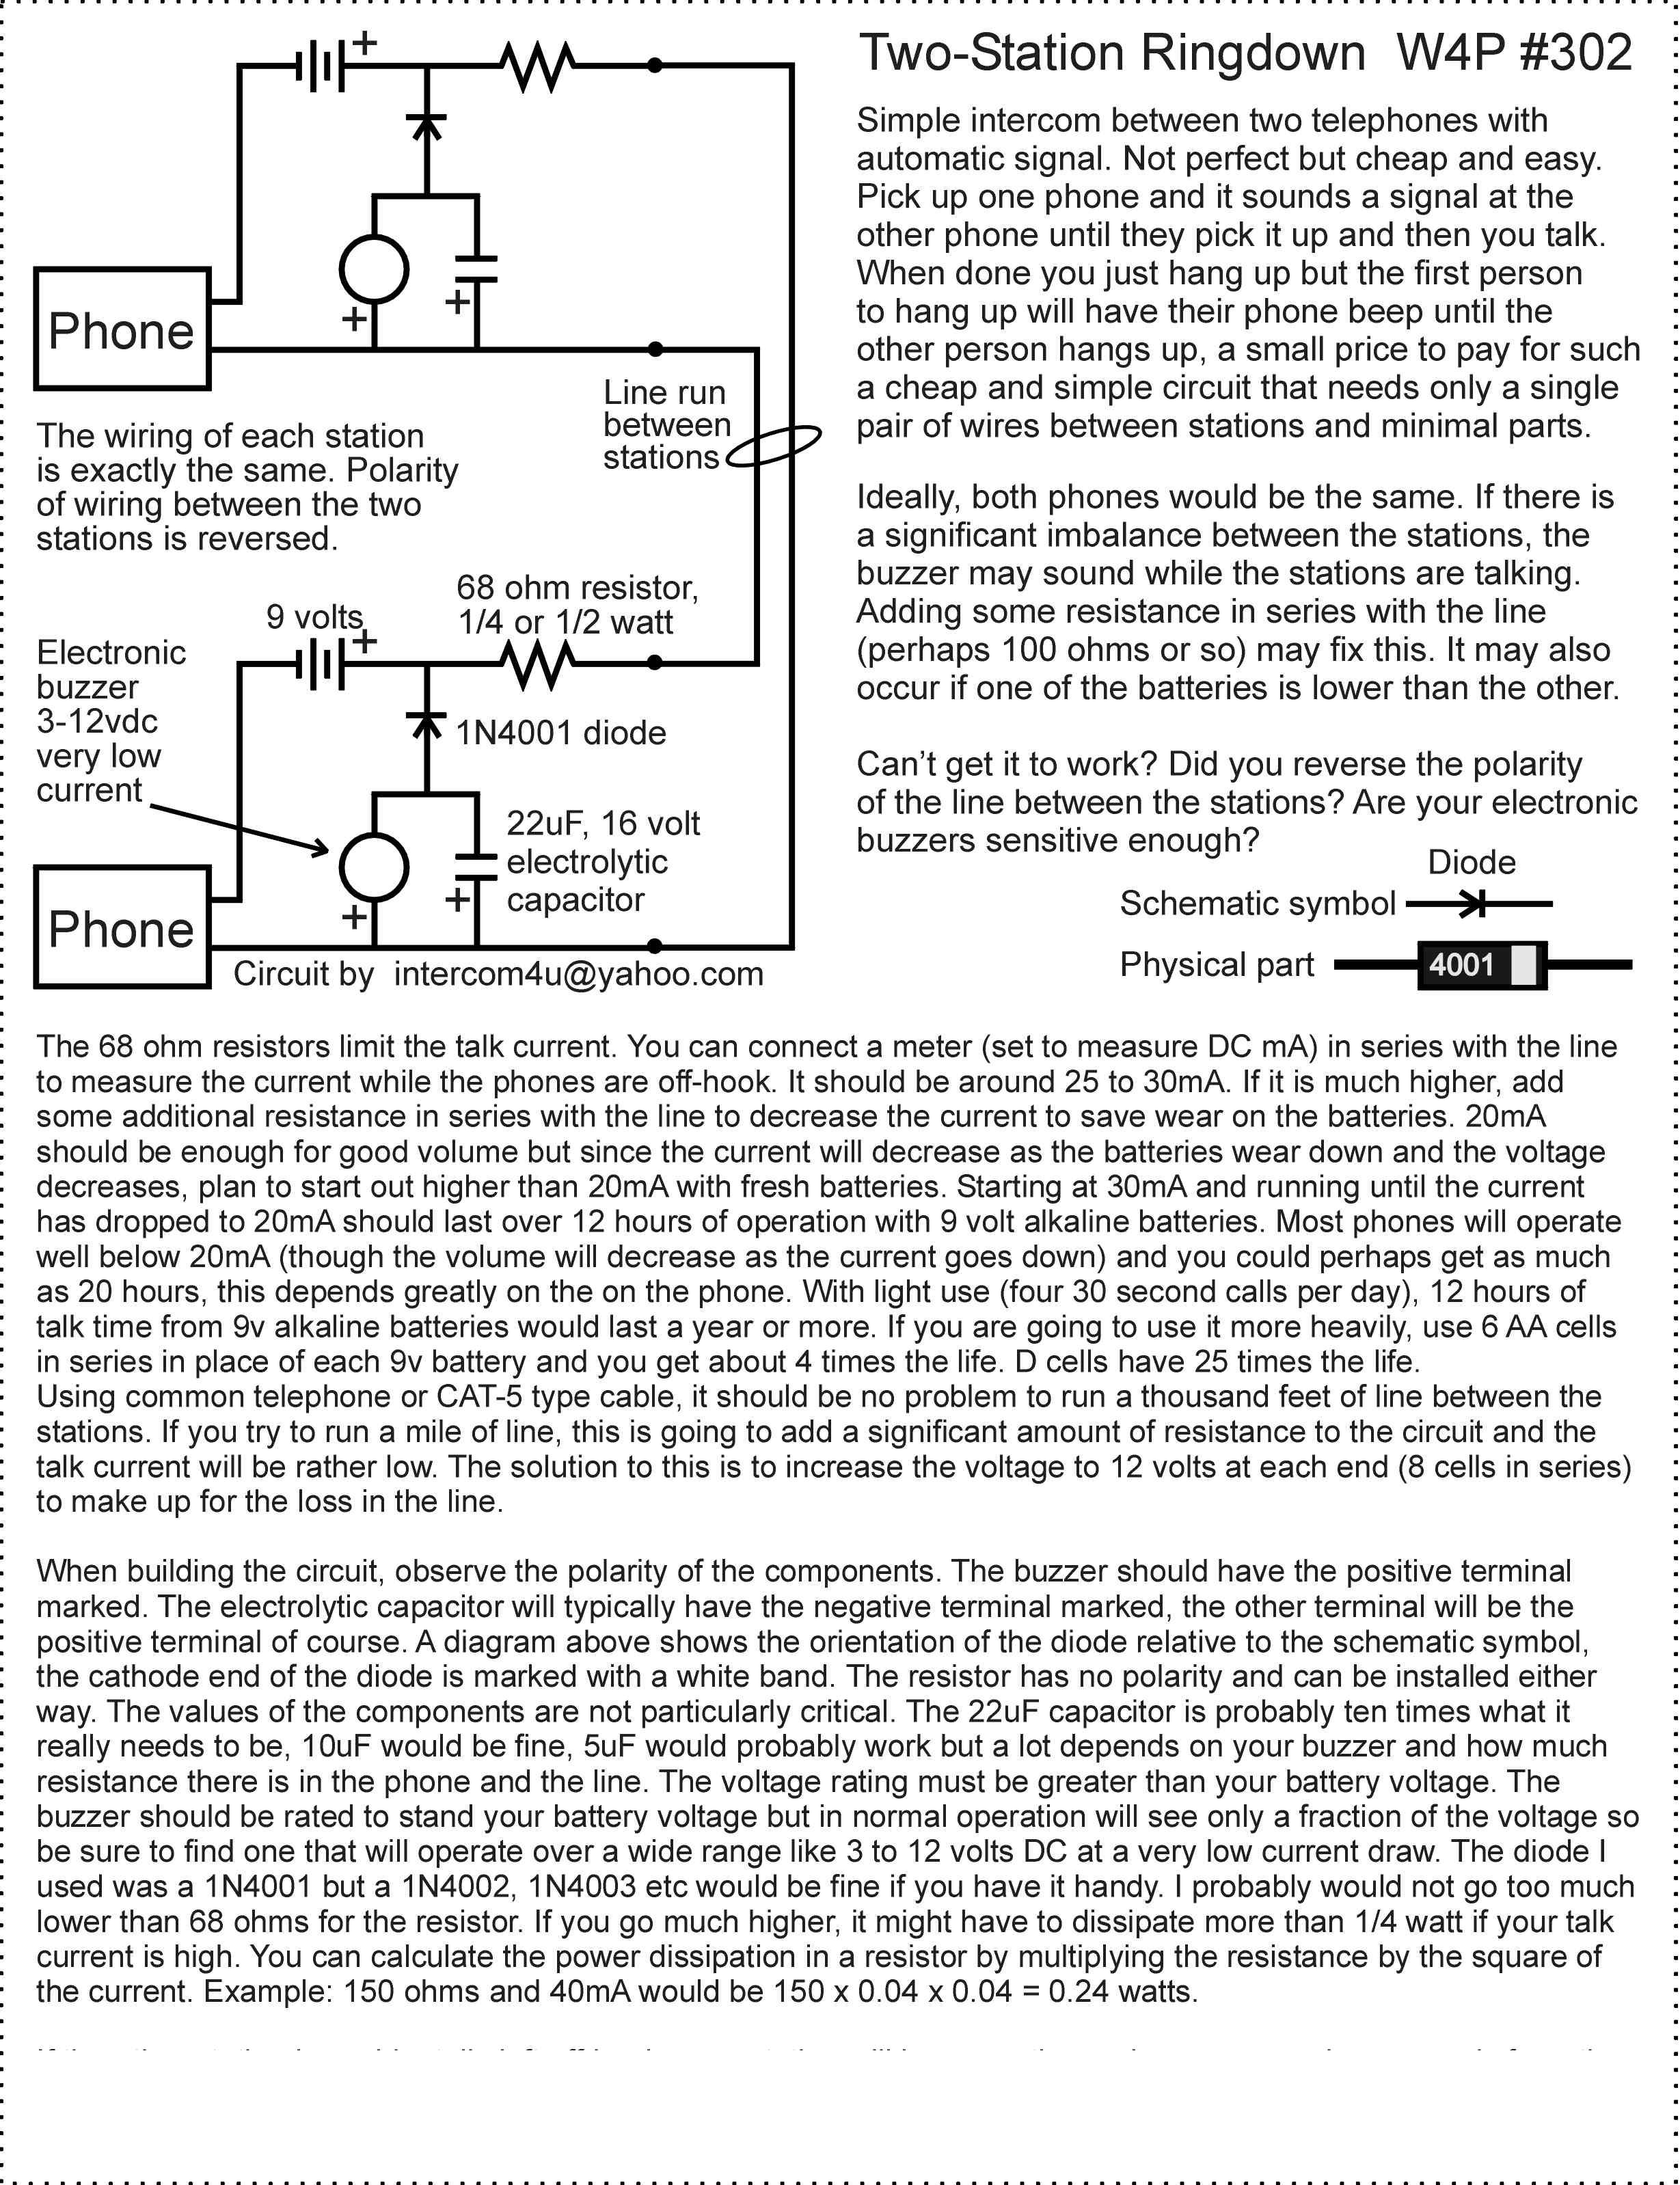 Improvised Field Phones-302-ringdown-1f.jpg